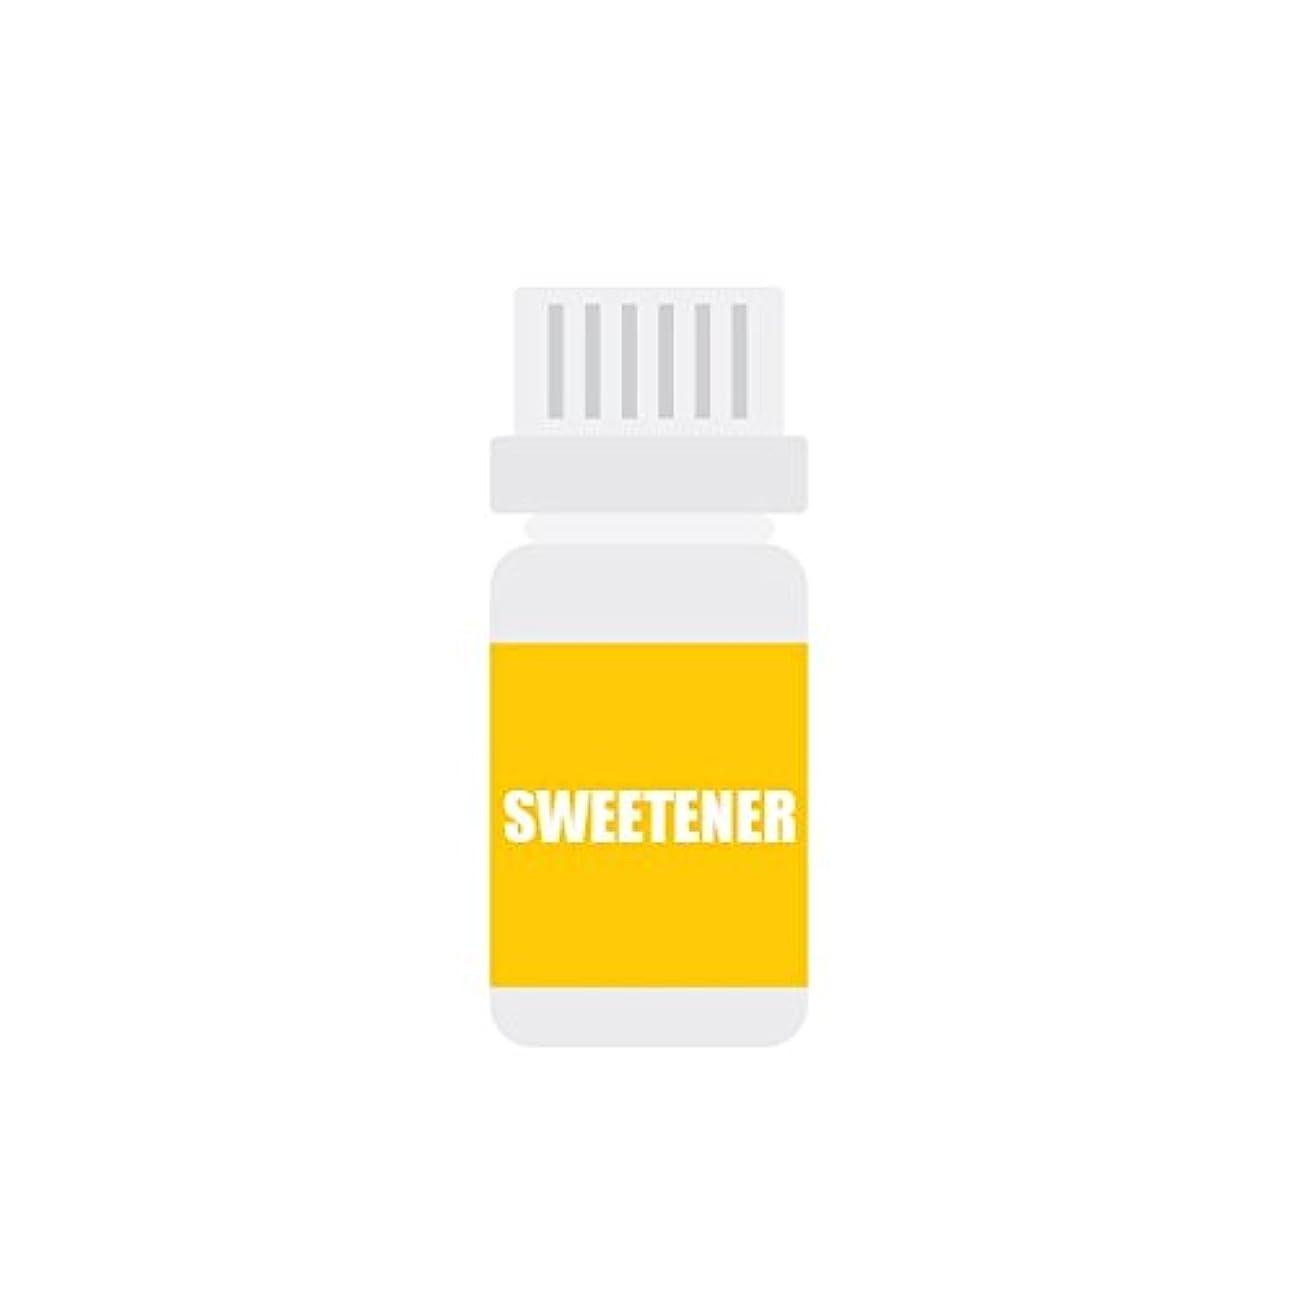 肥沃な離れてやろうHILIQ DIY 電子タバコリキッド 甘味剤 (10ML)